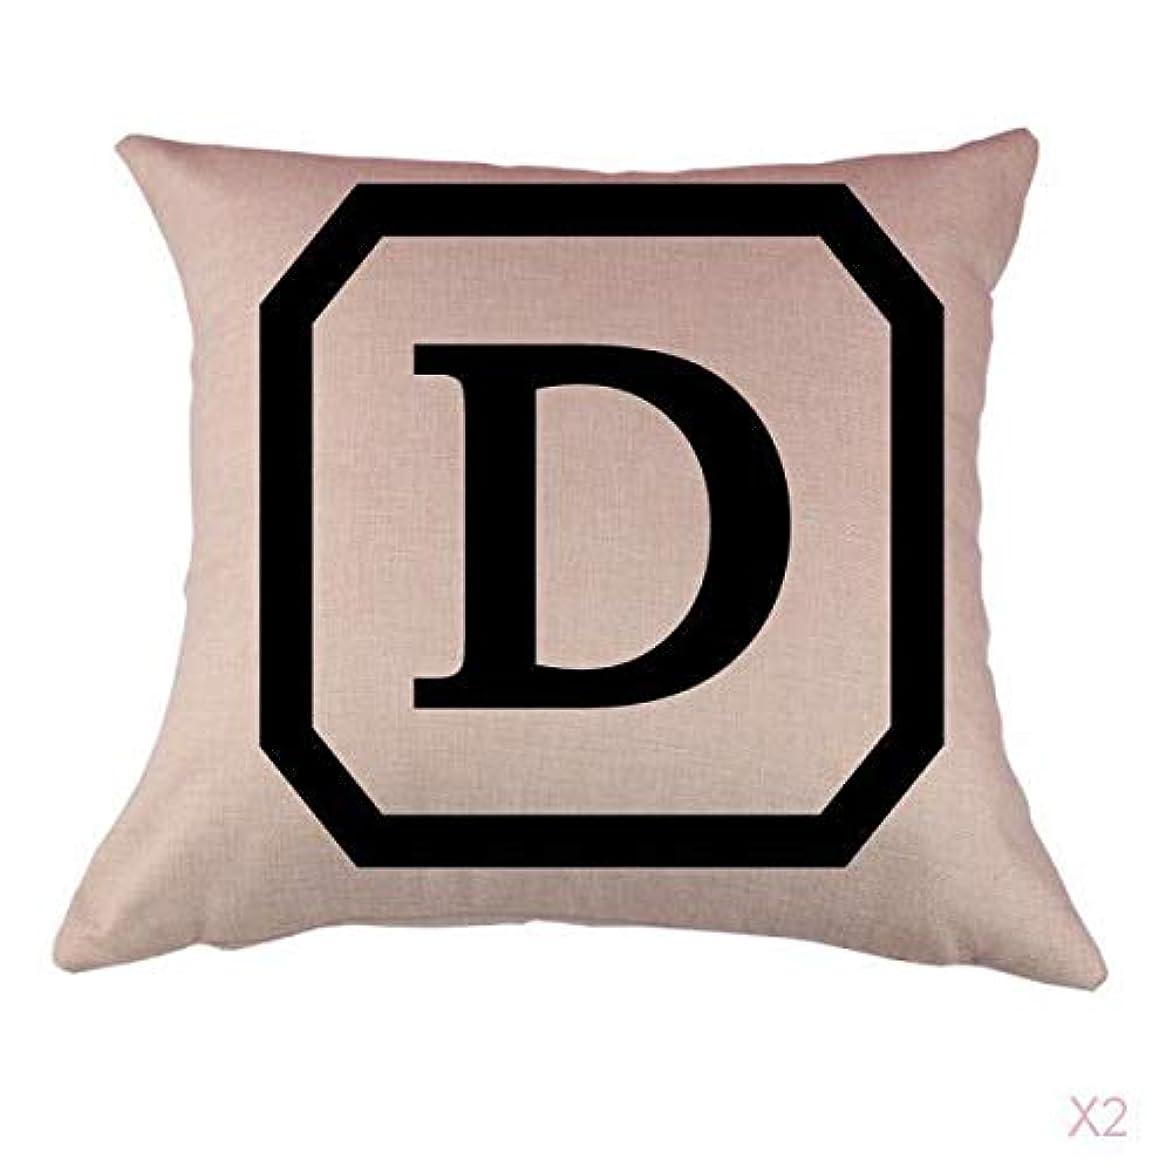 パノラマ慣性空洞コットンリネンスロー枕カバークッションカバー家の装飾、初期文字d